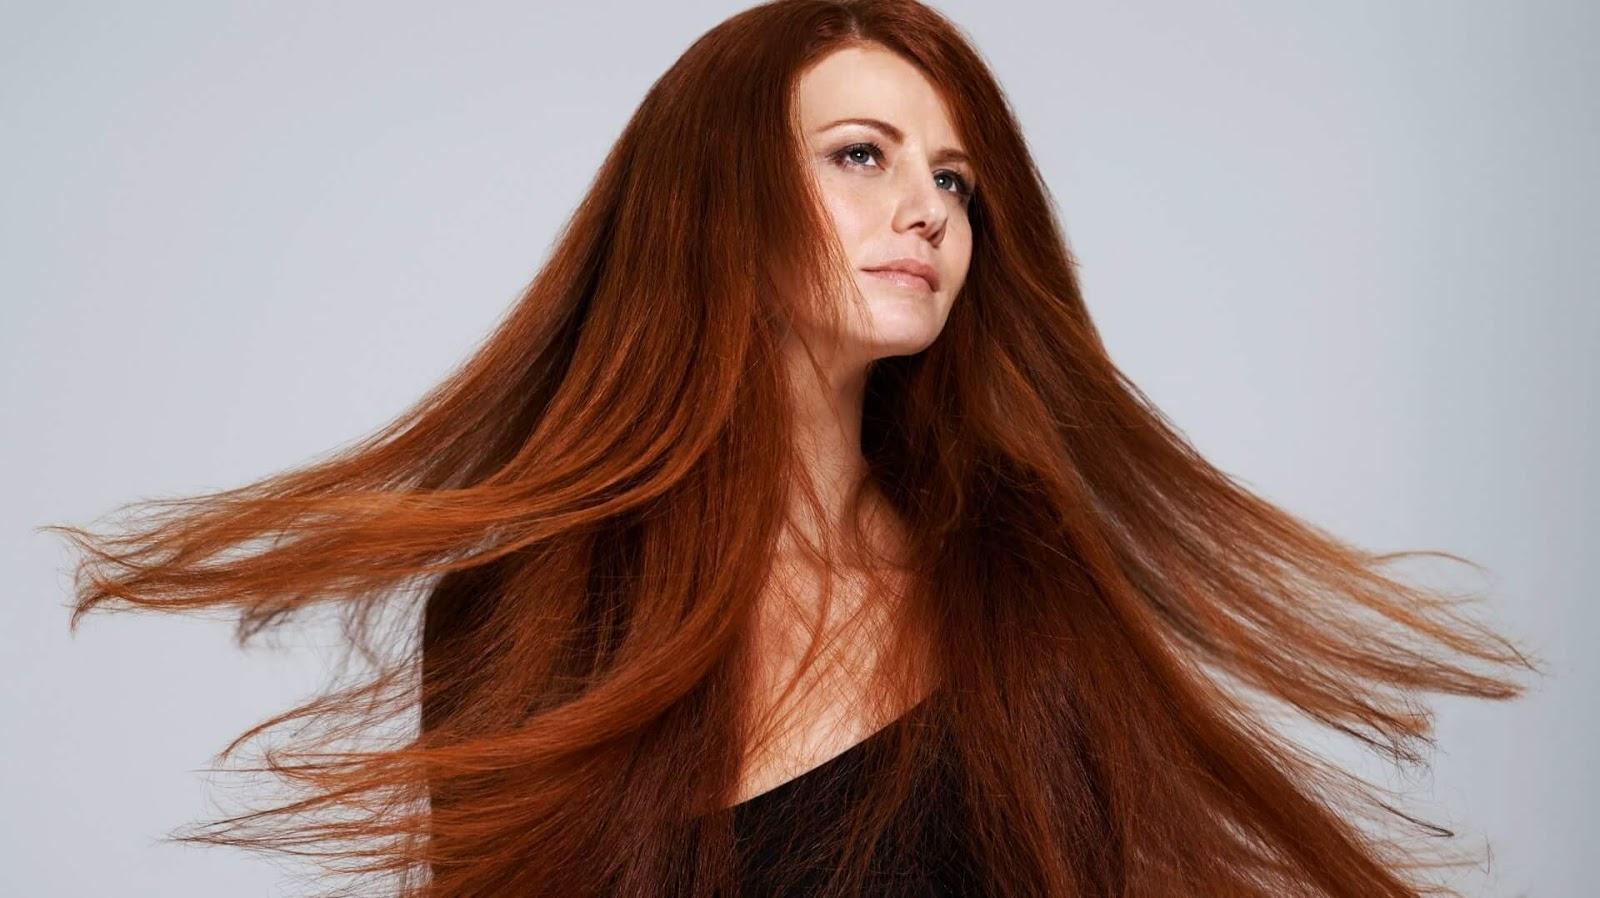 صورة تكثيف الشعر الخفيف , طرق زيادة كثافة الشعر